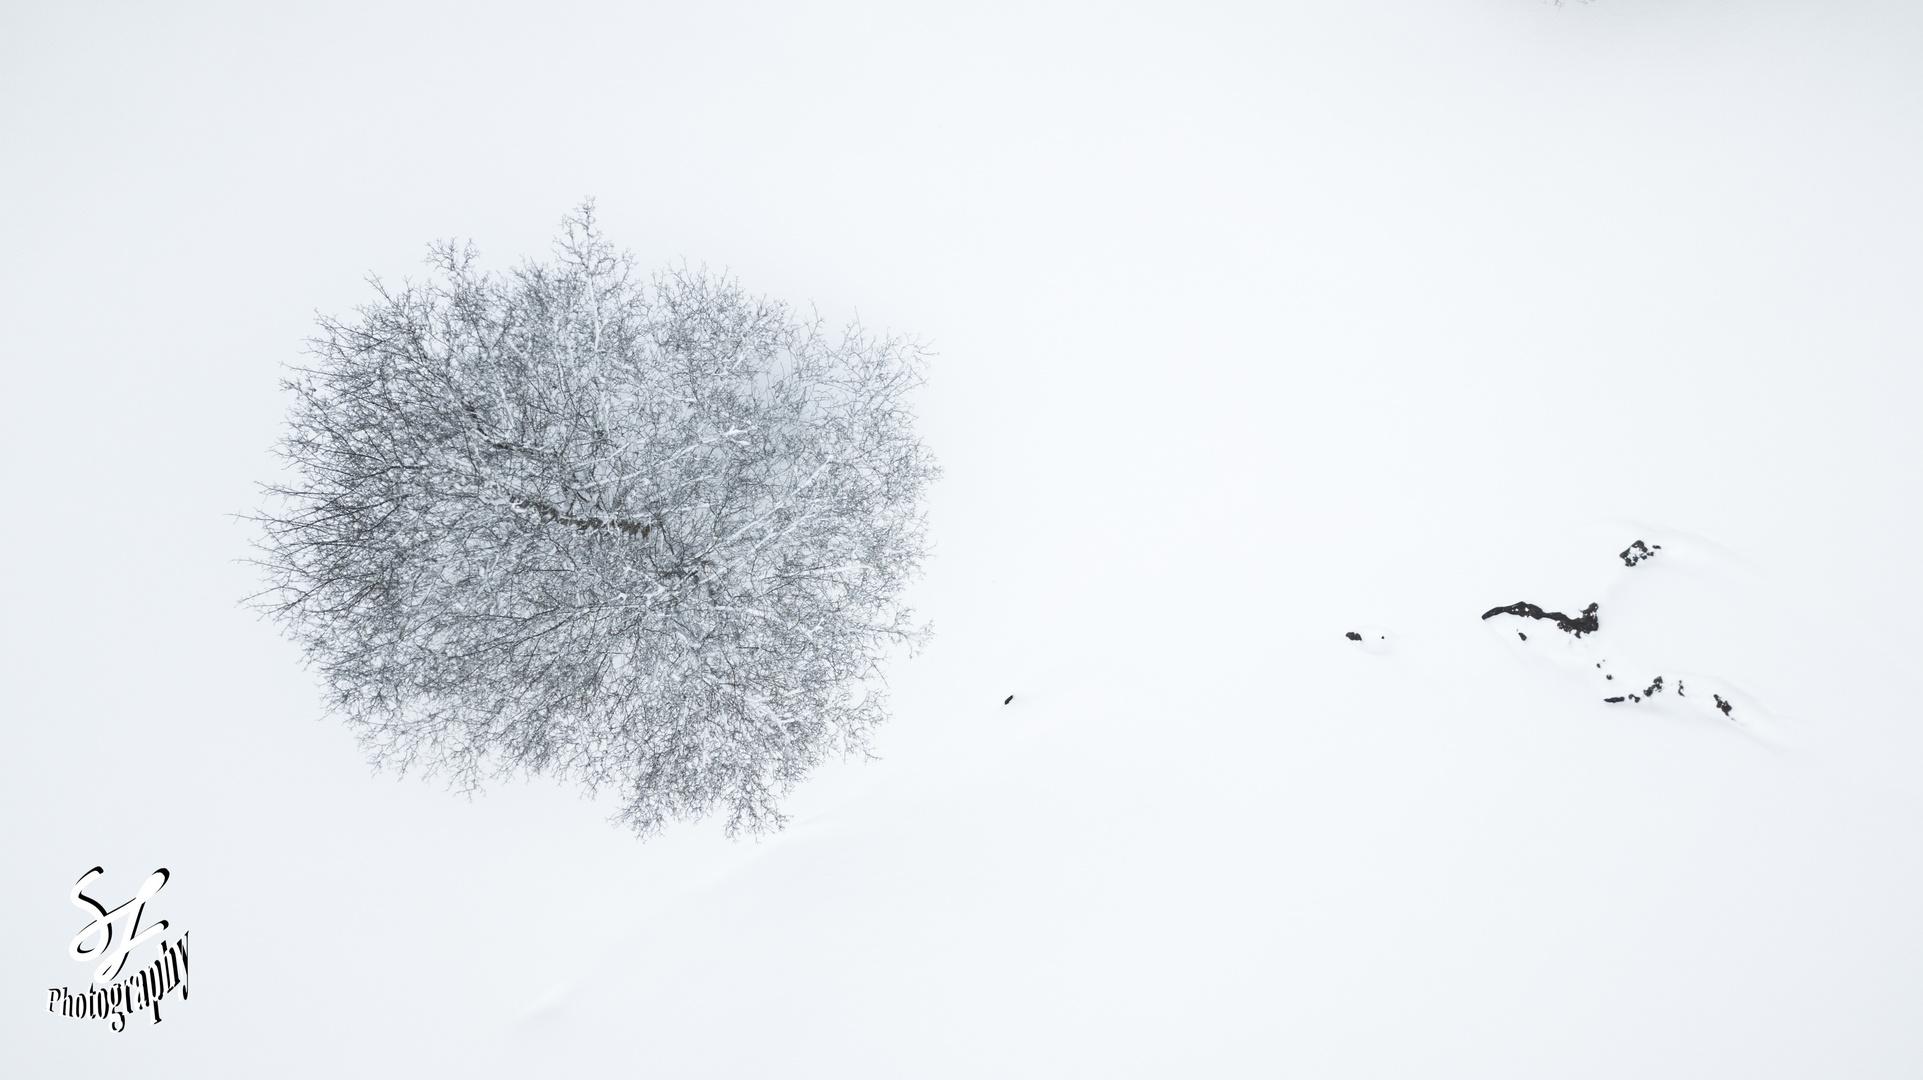 baum von oben foto & bild   jahreszeiten, winter, wald bilder auf